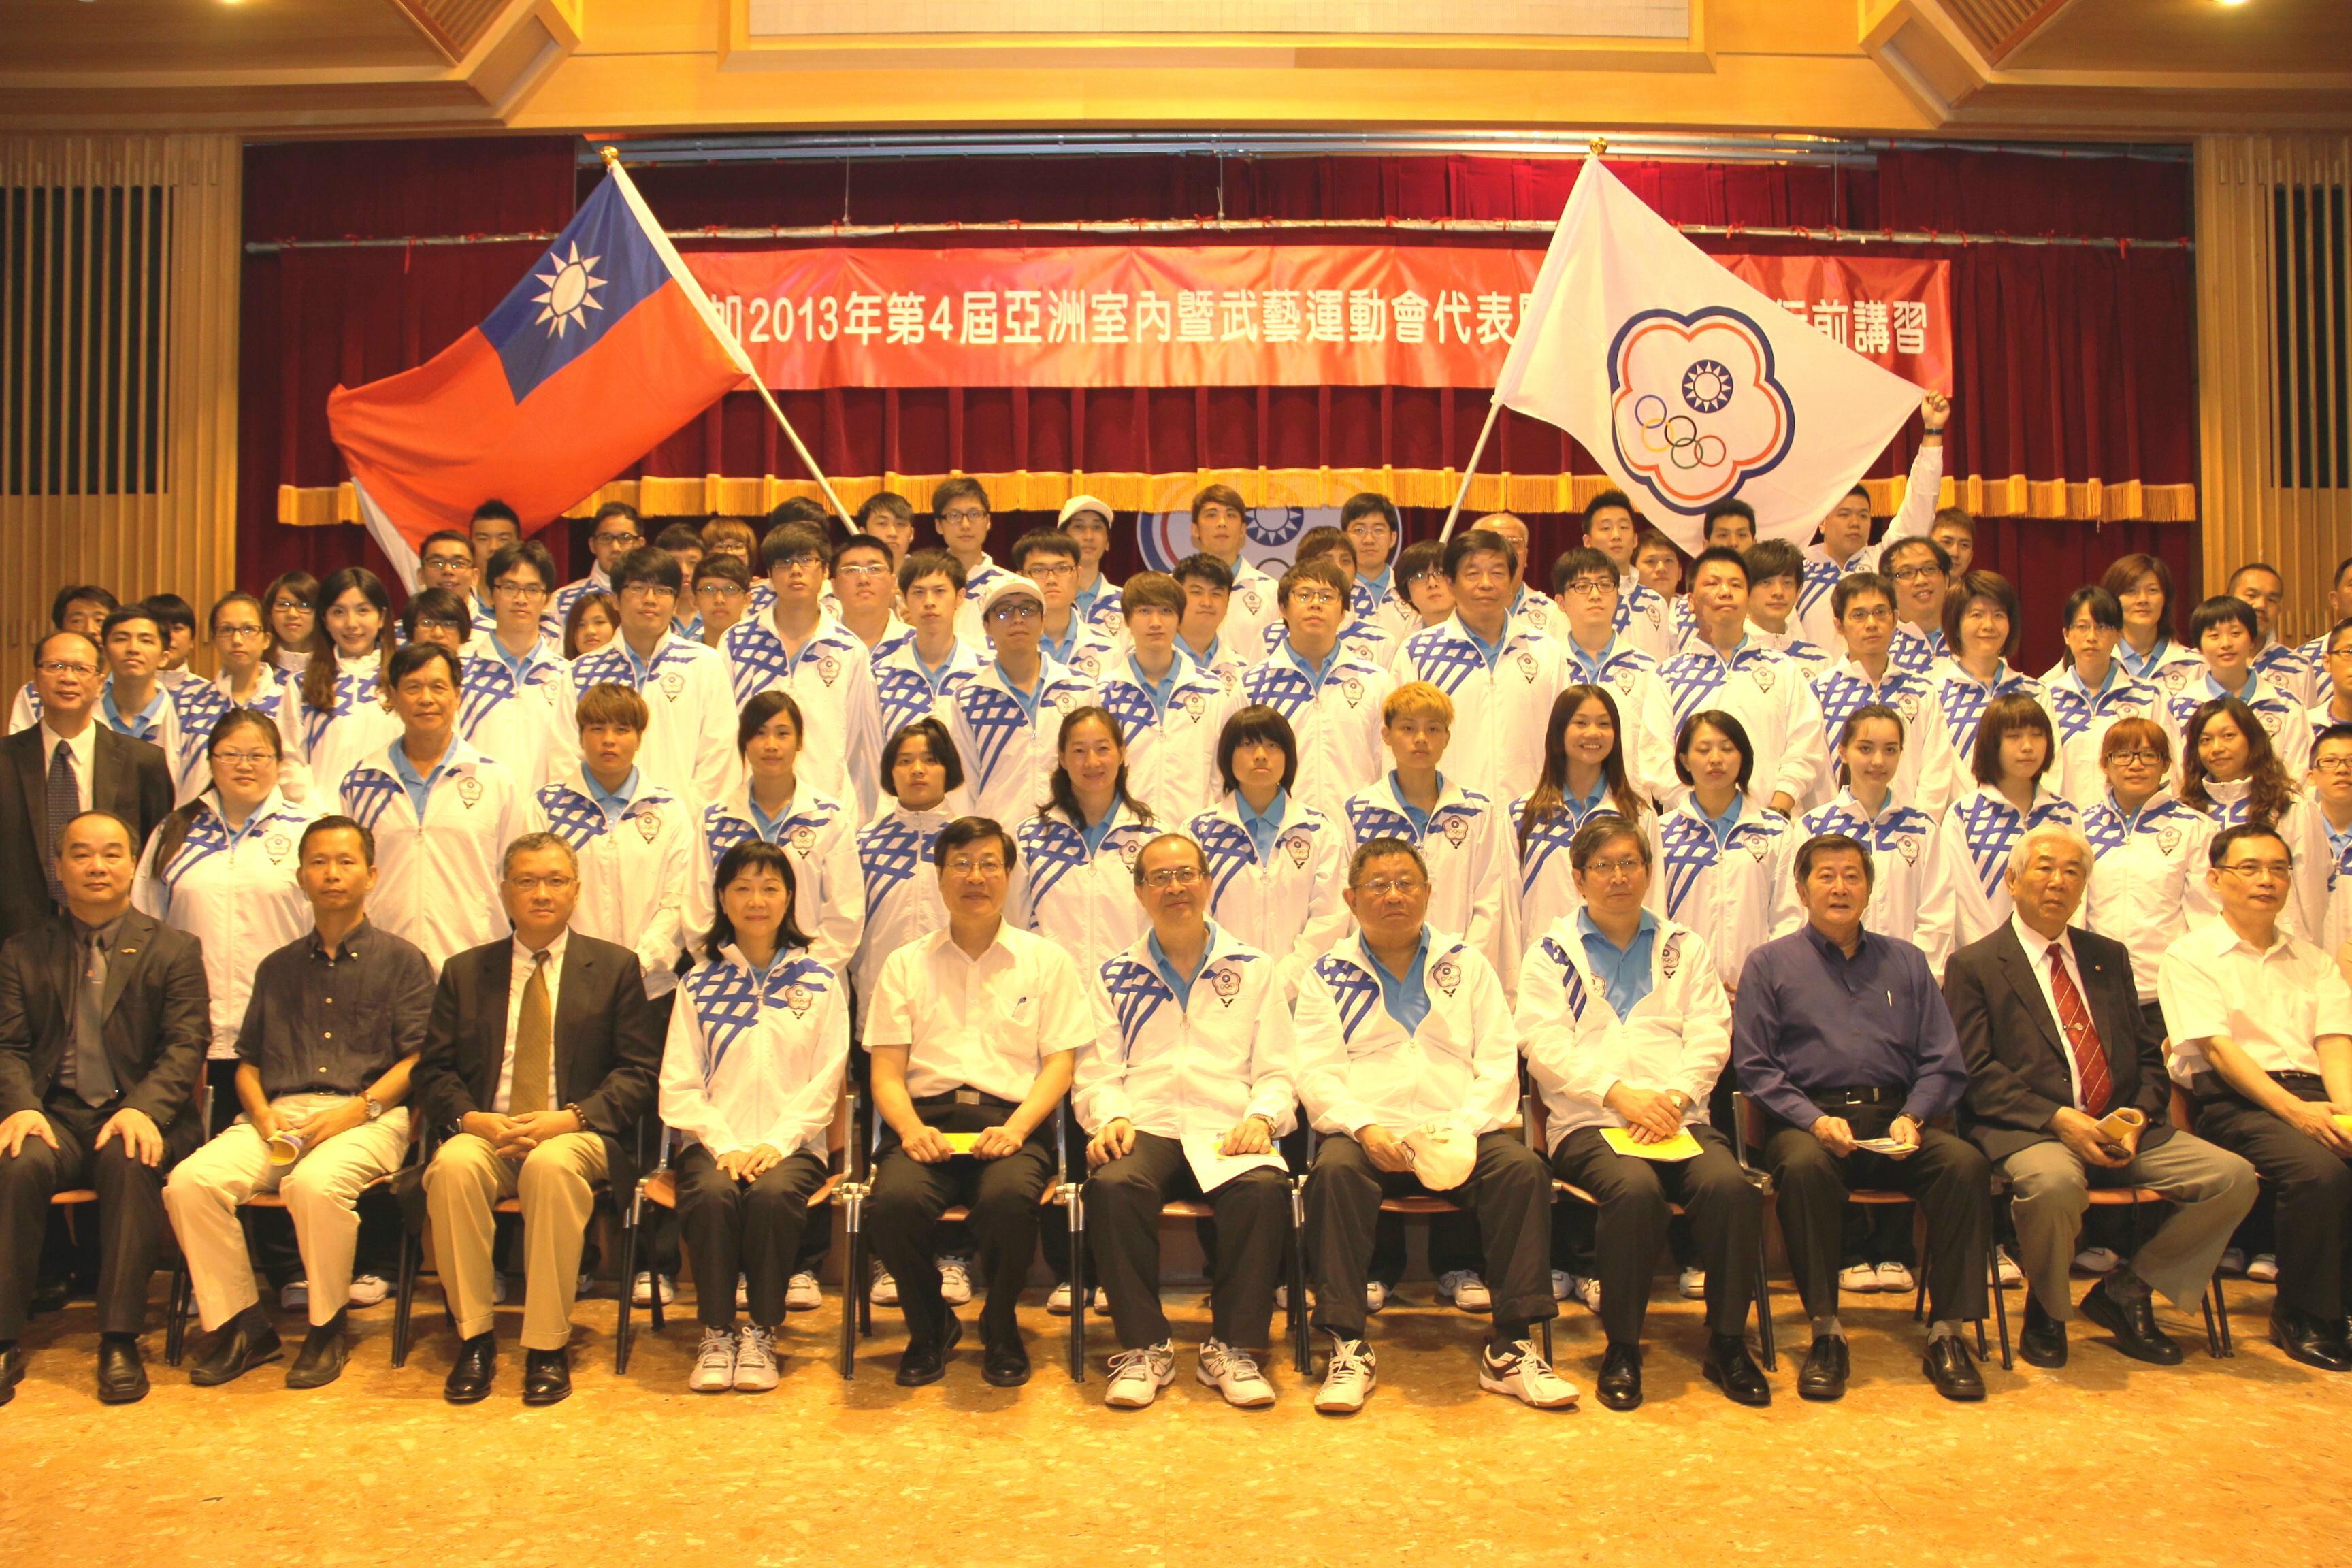 2013年第4屆仁川亞洲室內暨武藝運動會,6/26授旗。